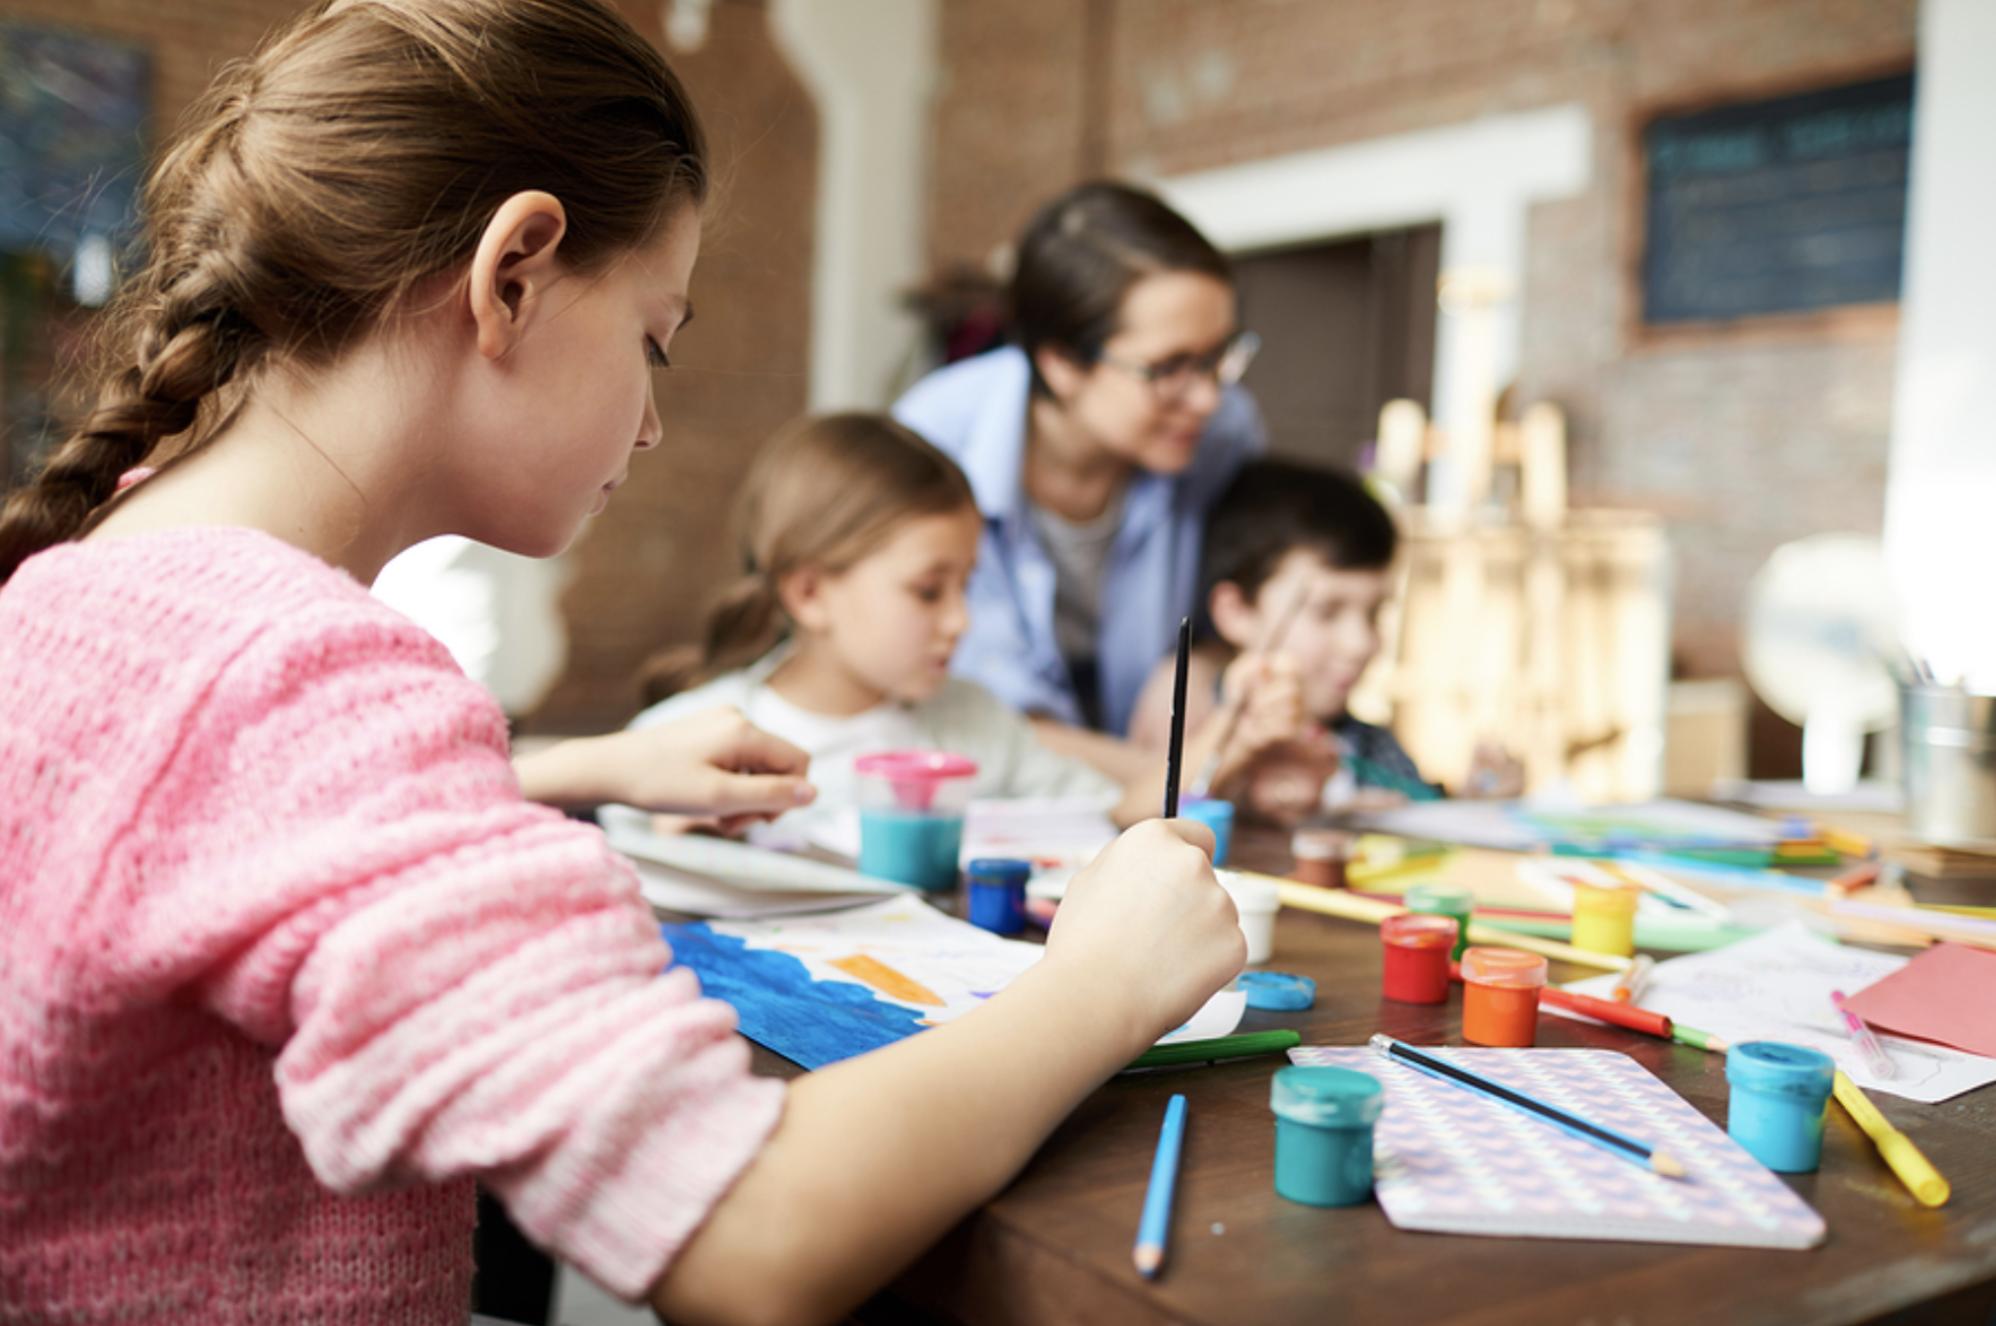 Las lecciones de arte son un excelente vehículo para enseñar habilidades socioemocionales. - Imagen: Bigstock